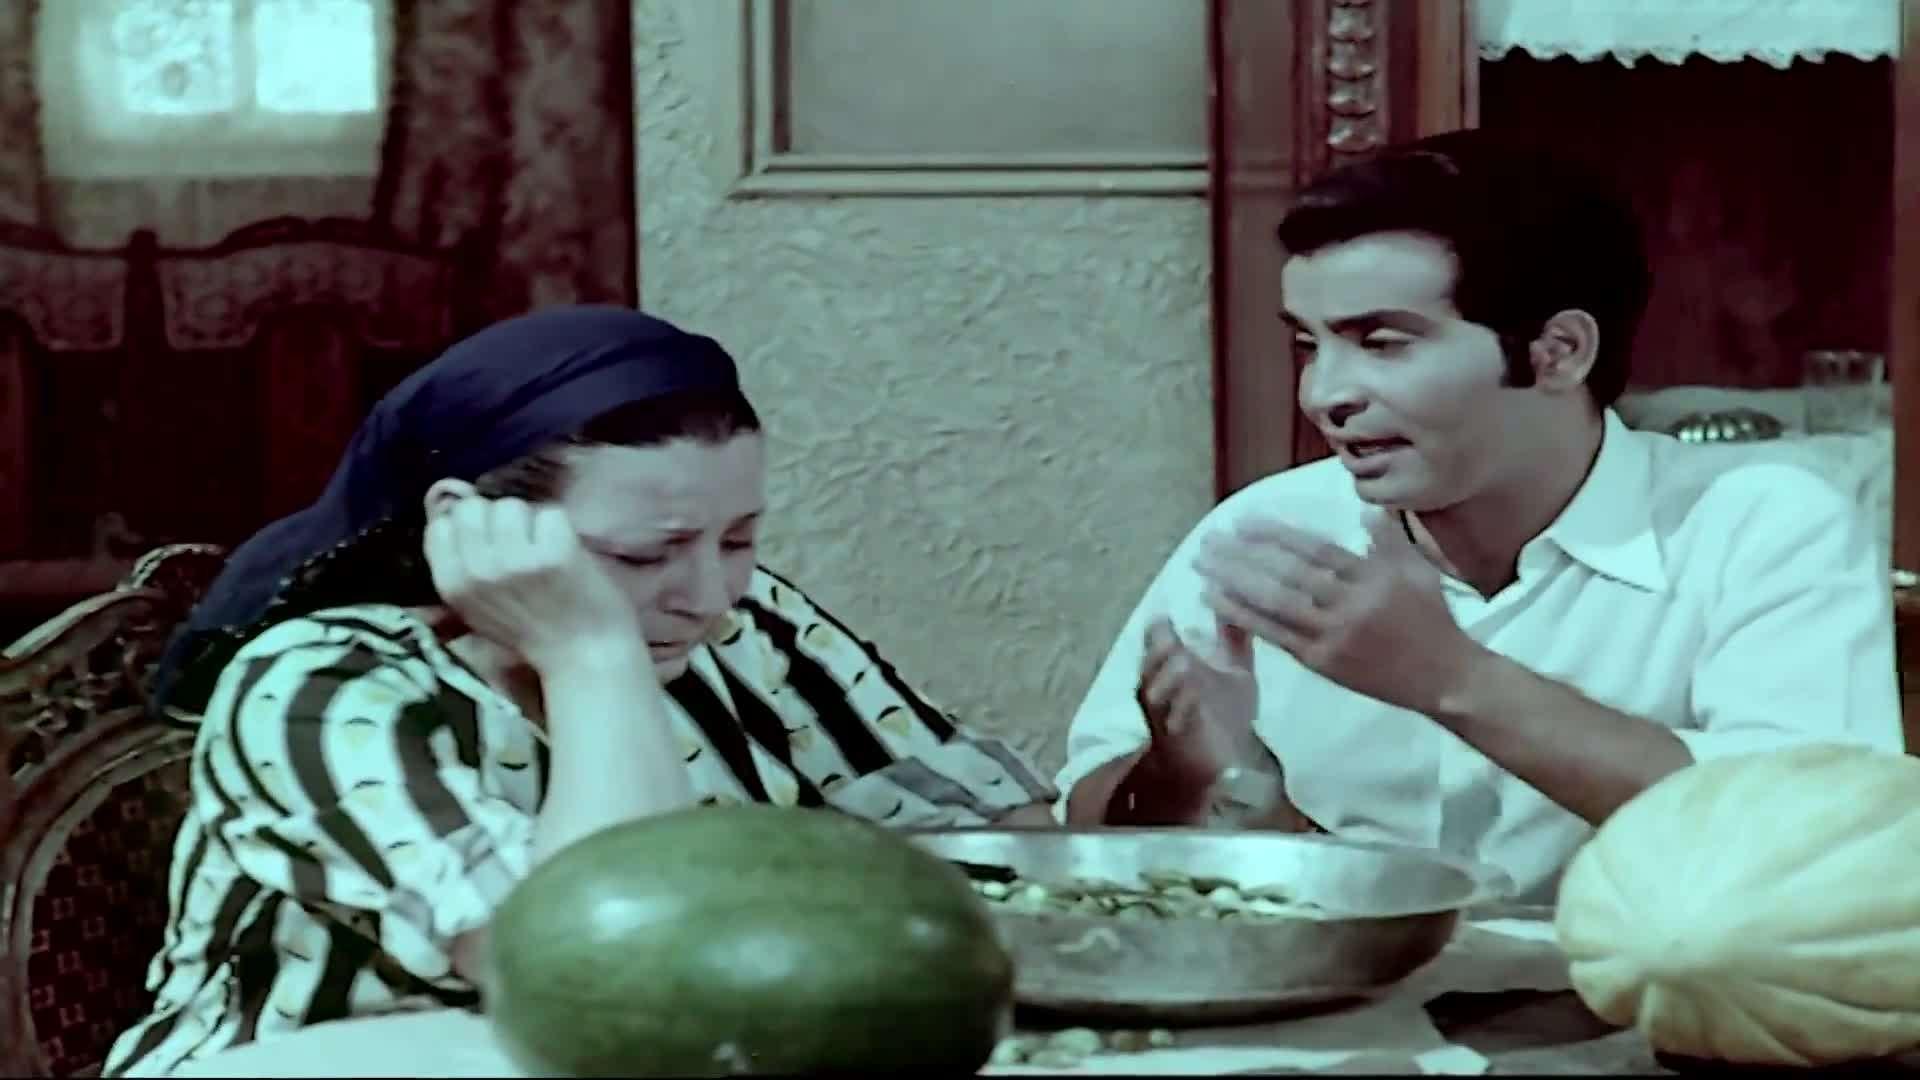 [فيلم][تورنت][تحميل][الجبان والحب][1975][1080p][Web-DL] 3 arabp2p.com